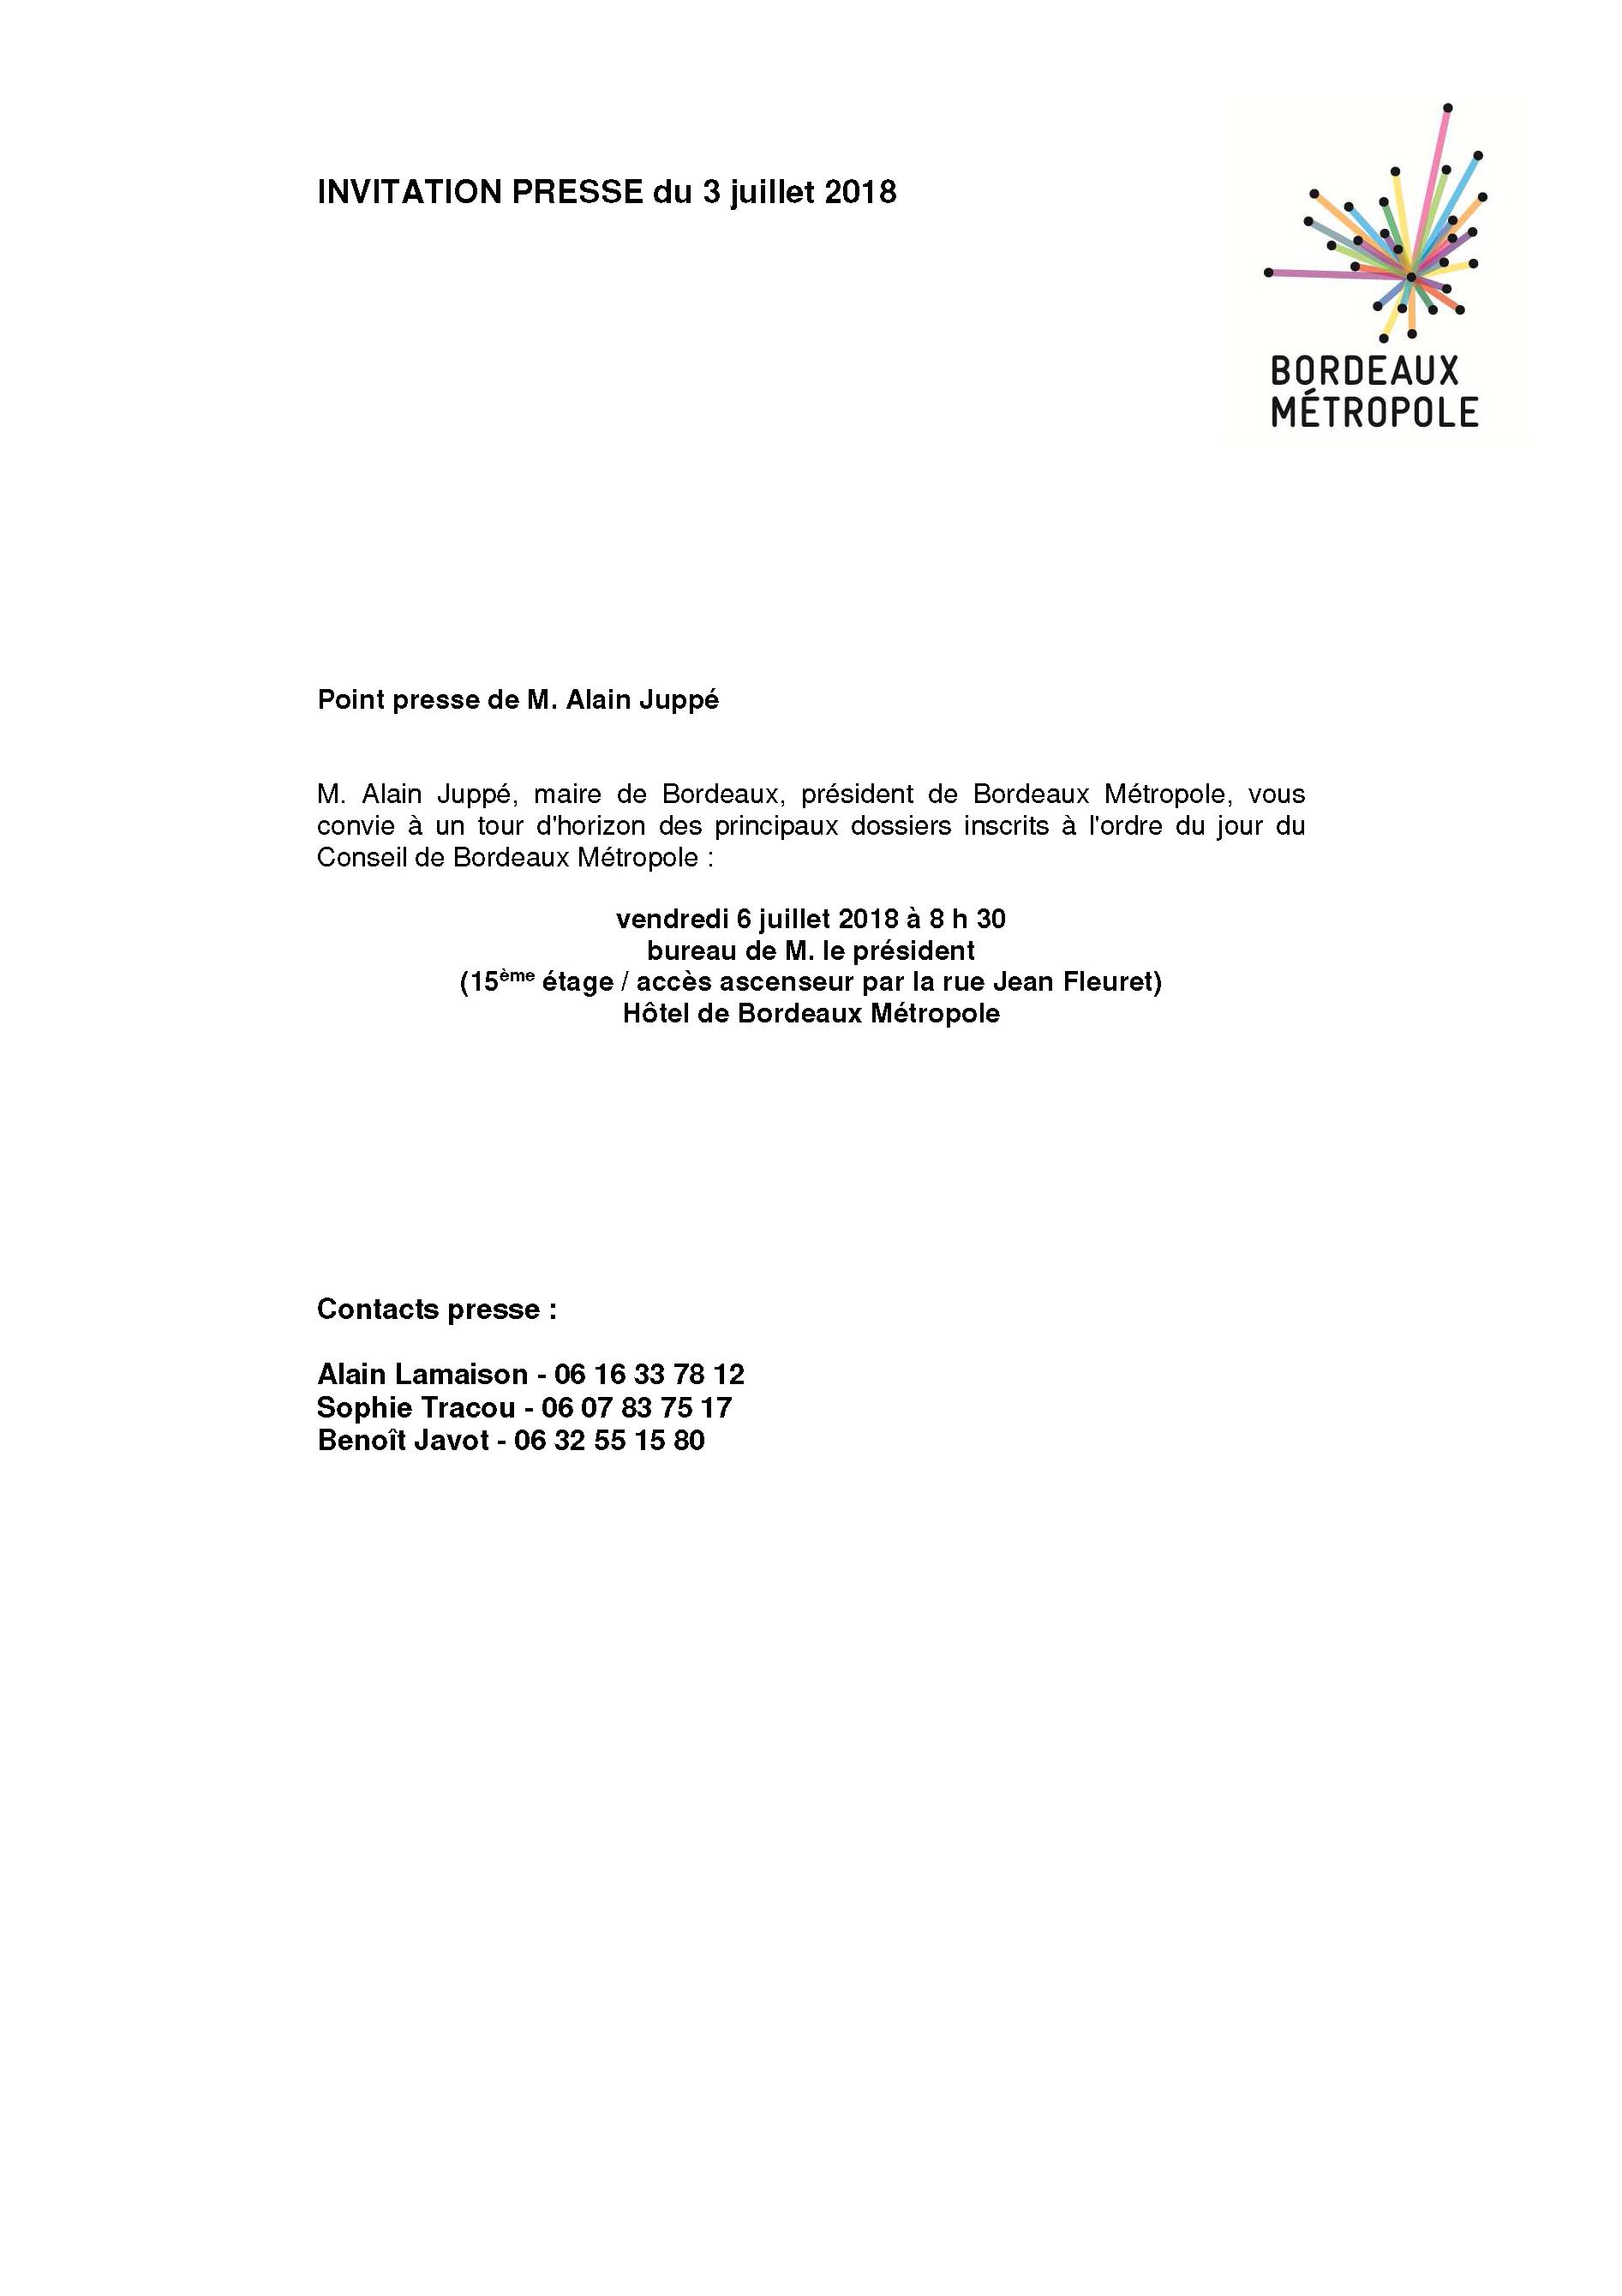 cp-invitation-presse-conseil-bordeaux-metropole-3-07-2018